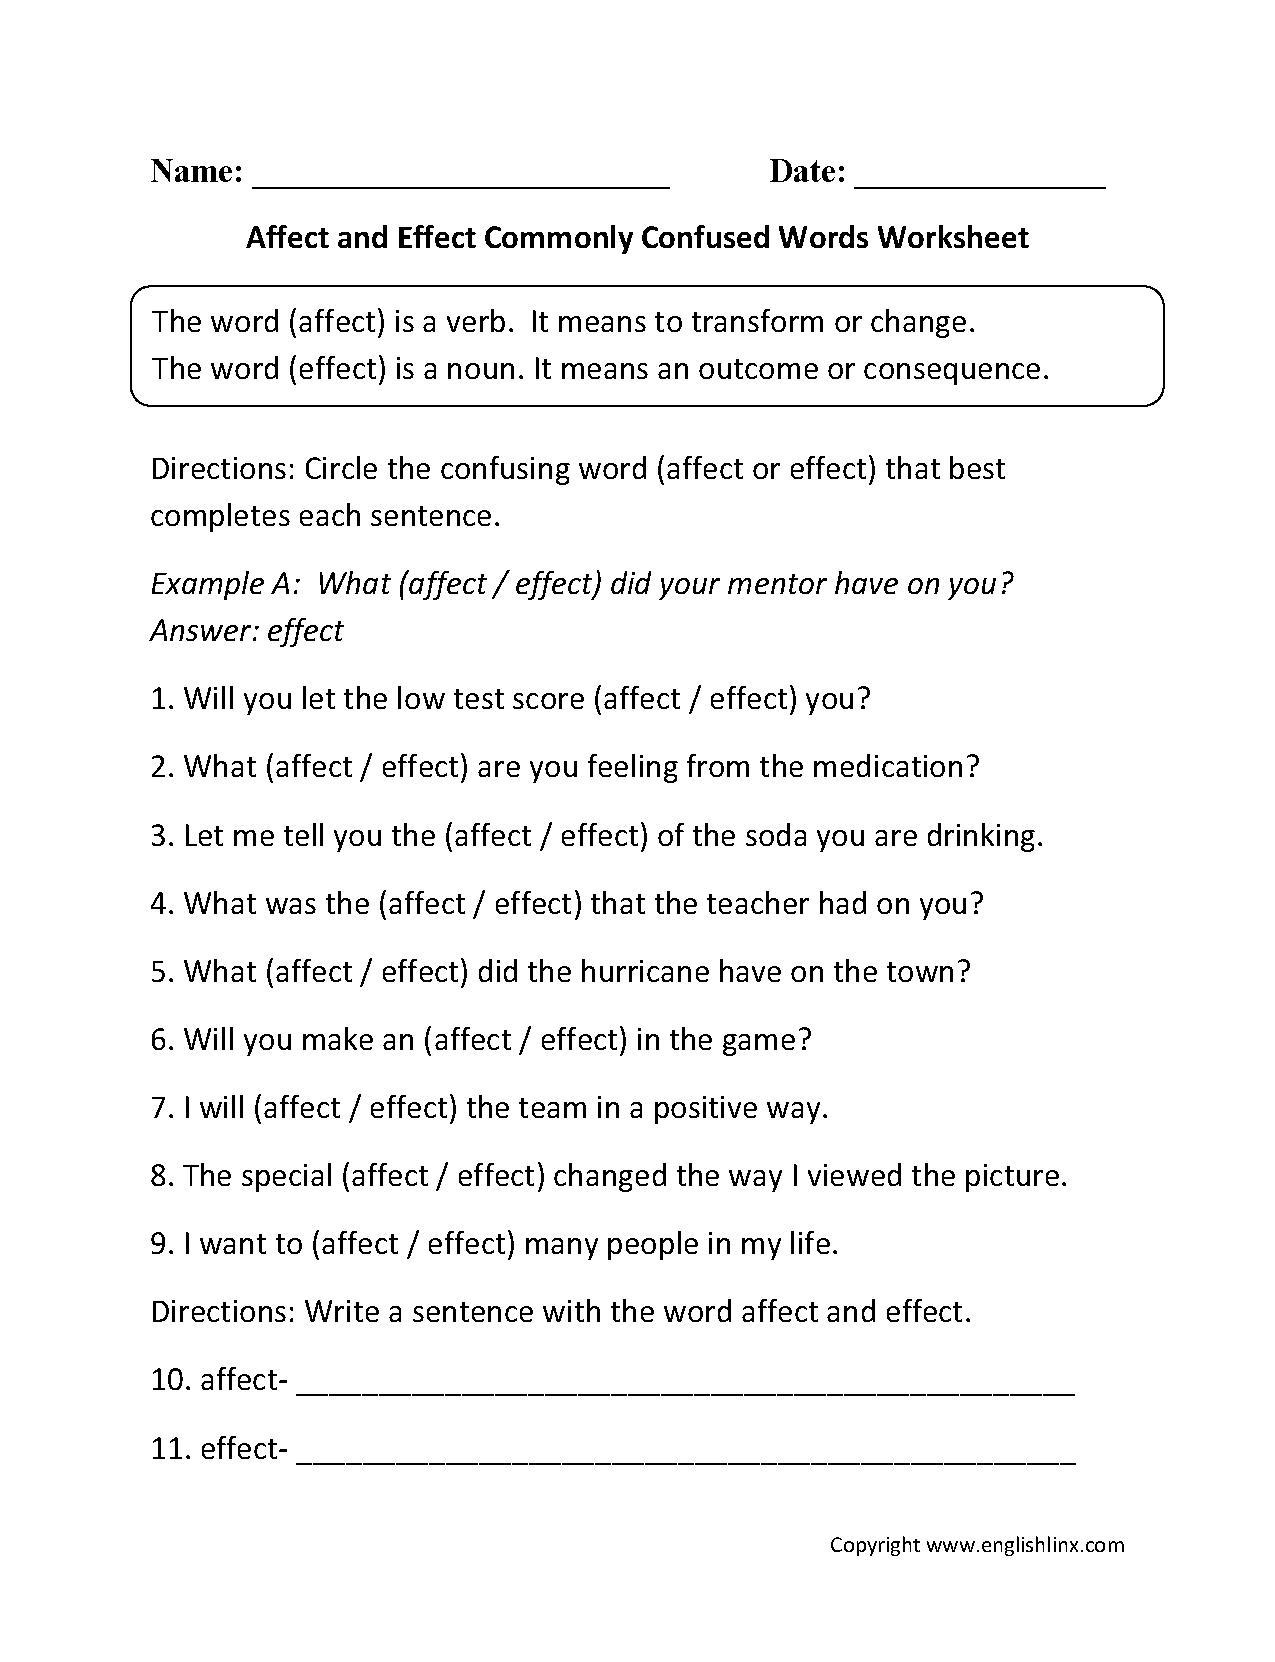 worksheet Homophones Worksheet 6th Grade affect and effect commonly confused words worksheets bonitareimer worksheets